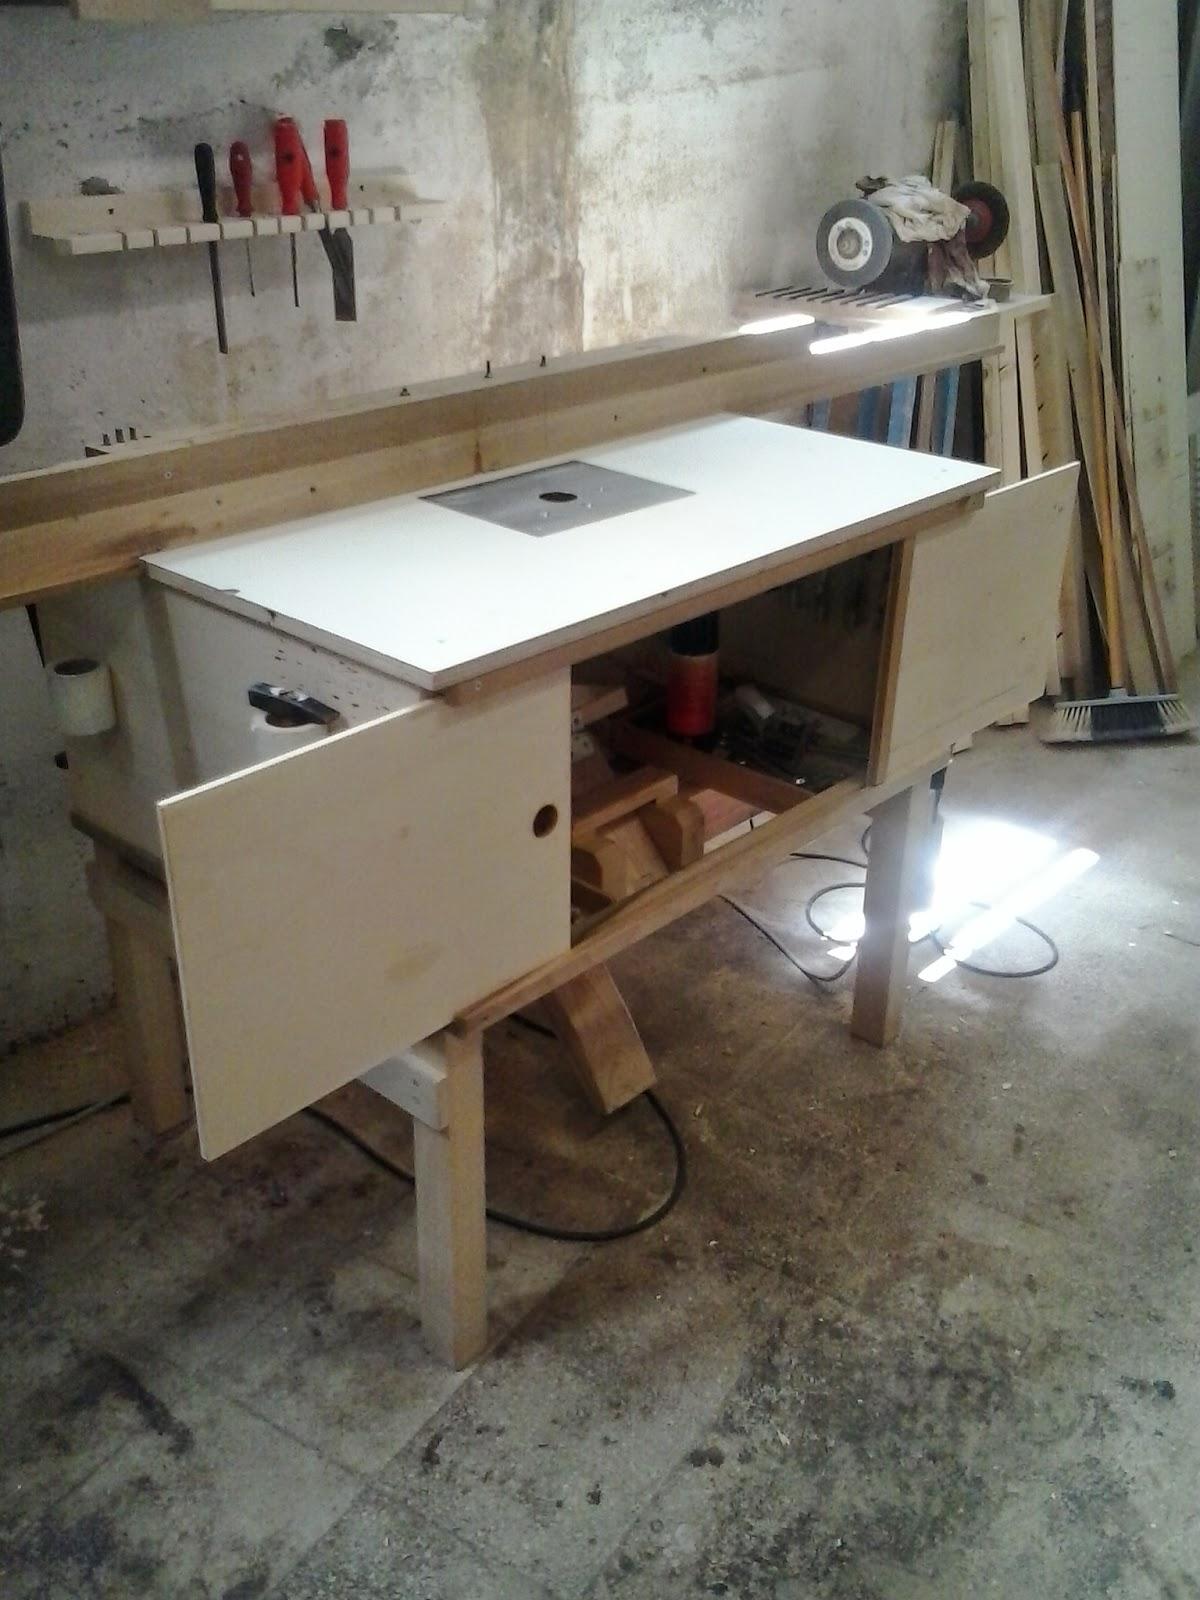 Artigianato fai da te made in italy legno metalli e for Piccoli piani artistici per artigiani